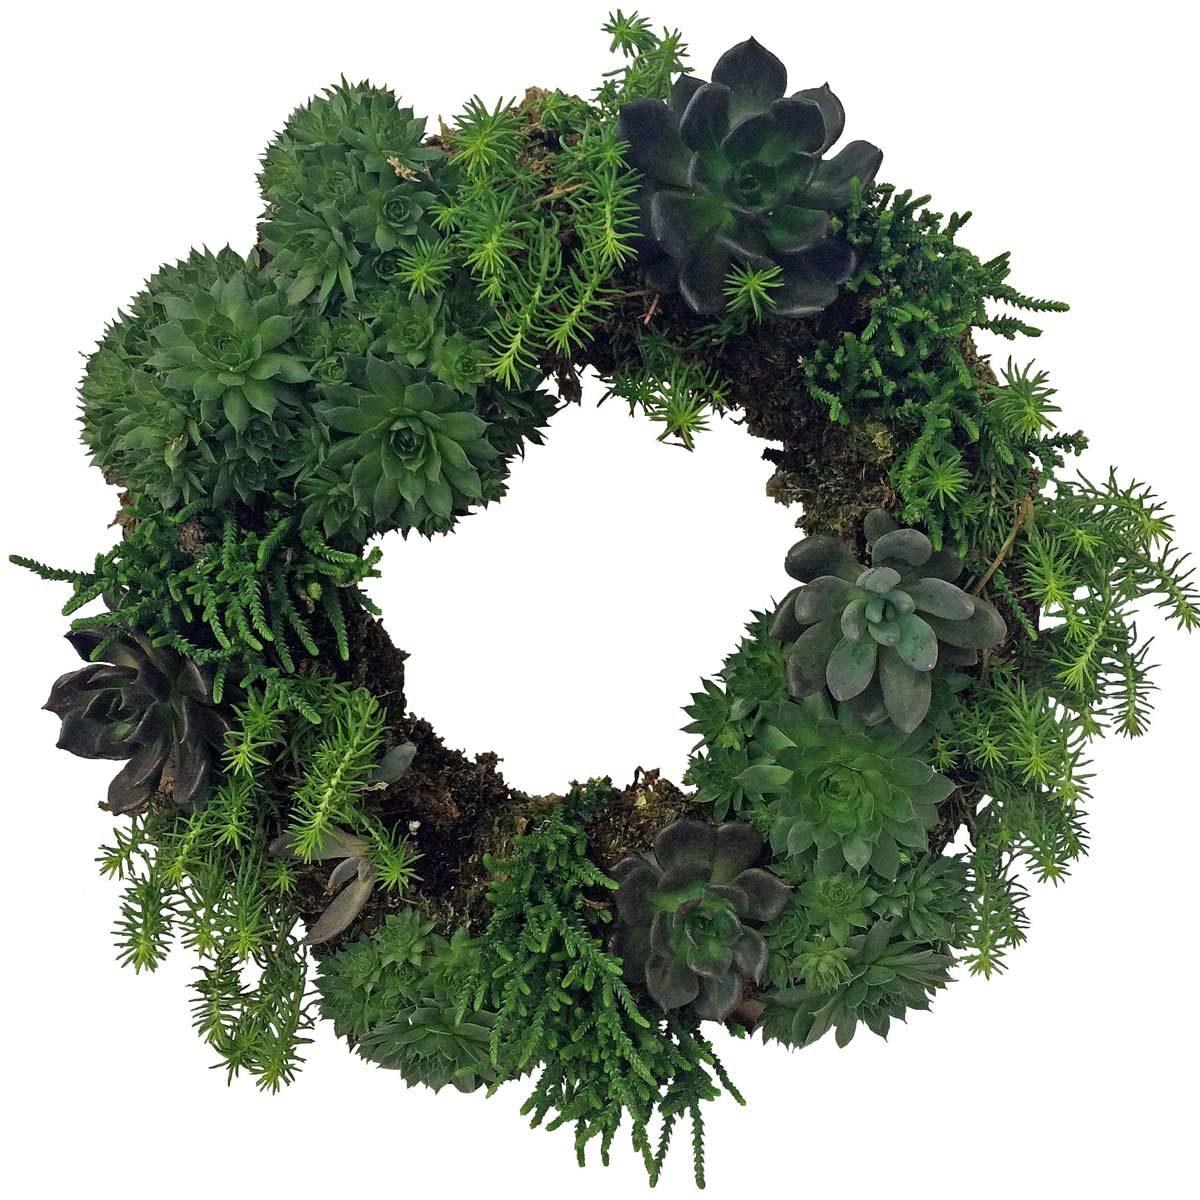 Succulent wreath